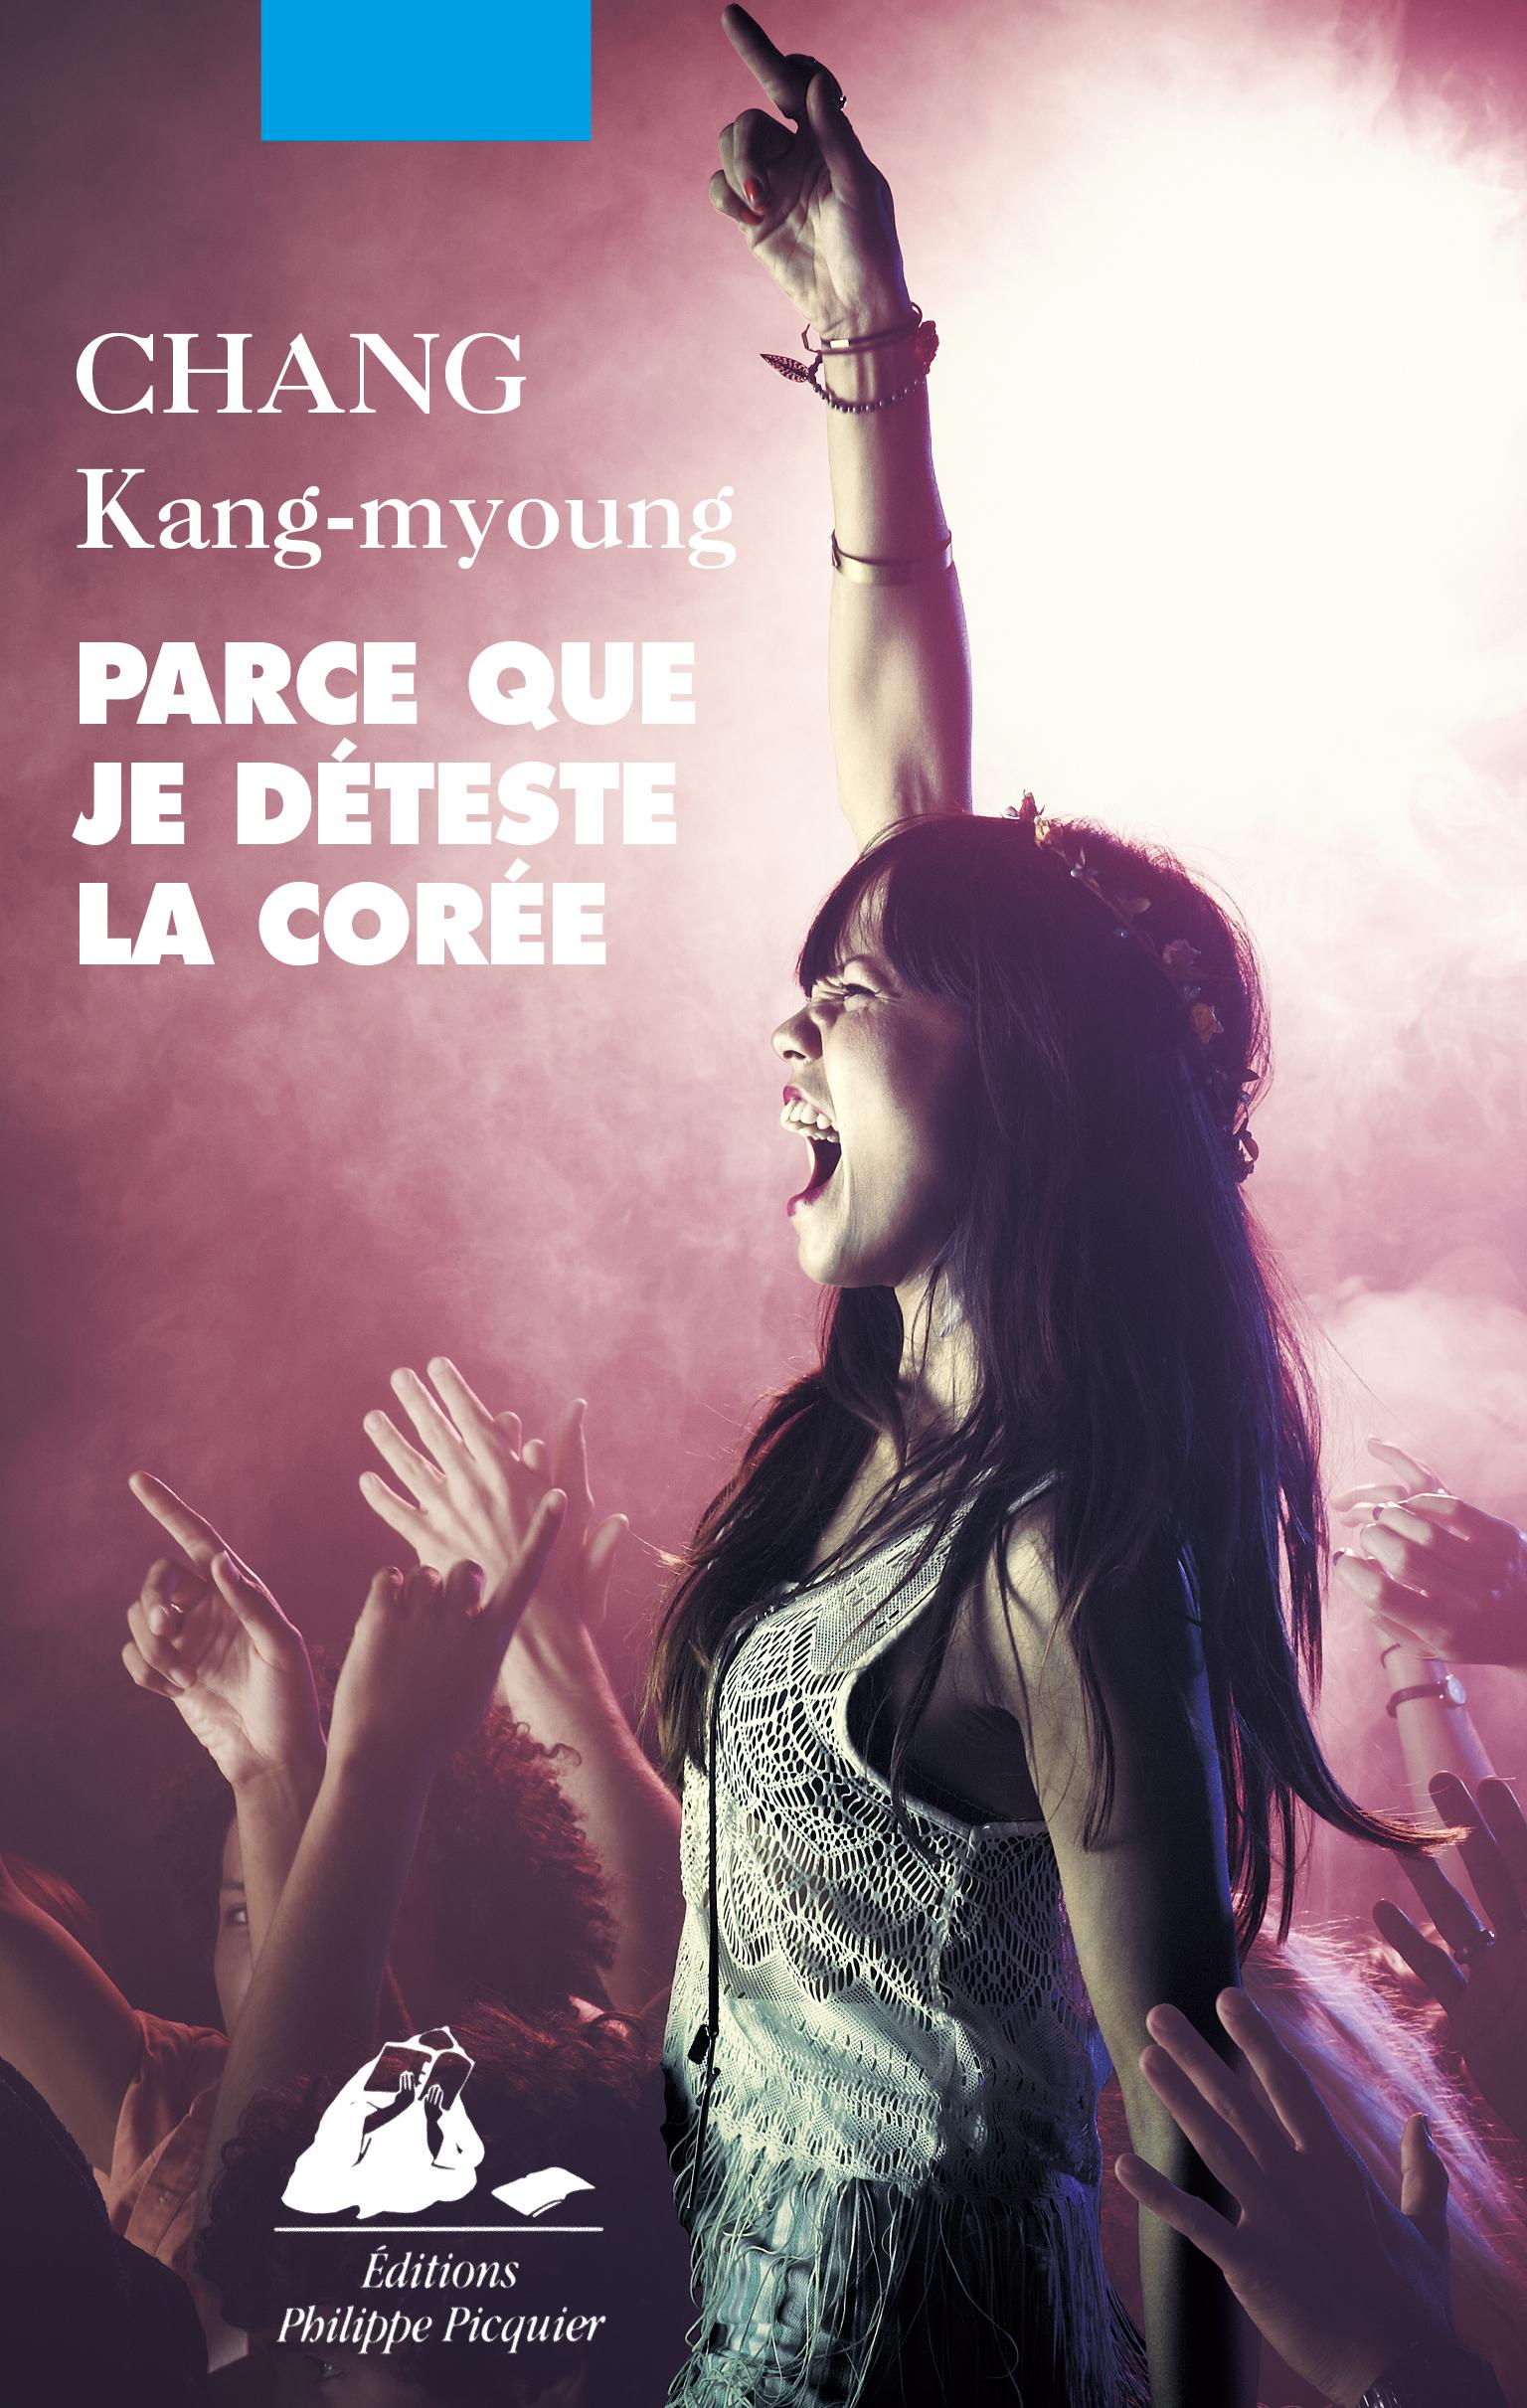 Parce que je déteste la Corée | CHANG, Kang-myoung